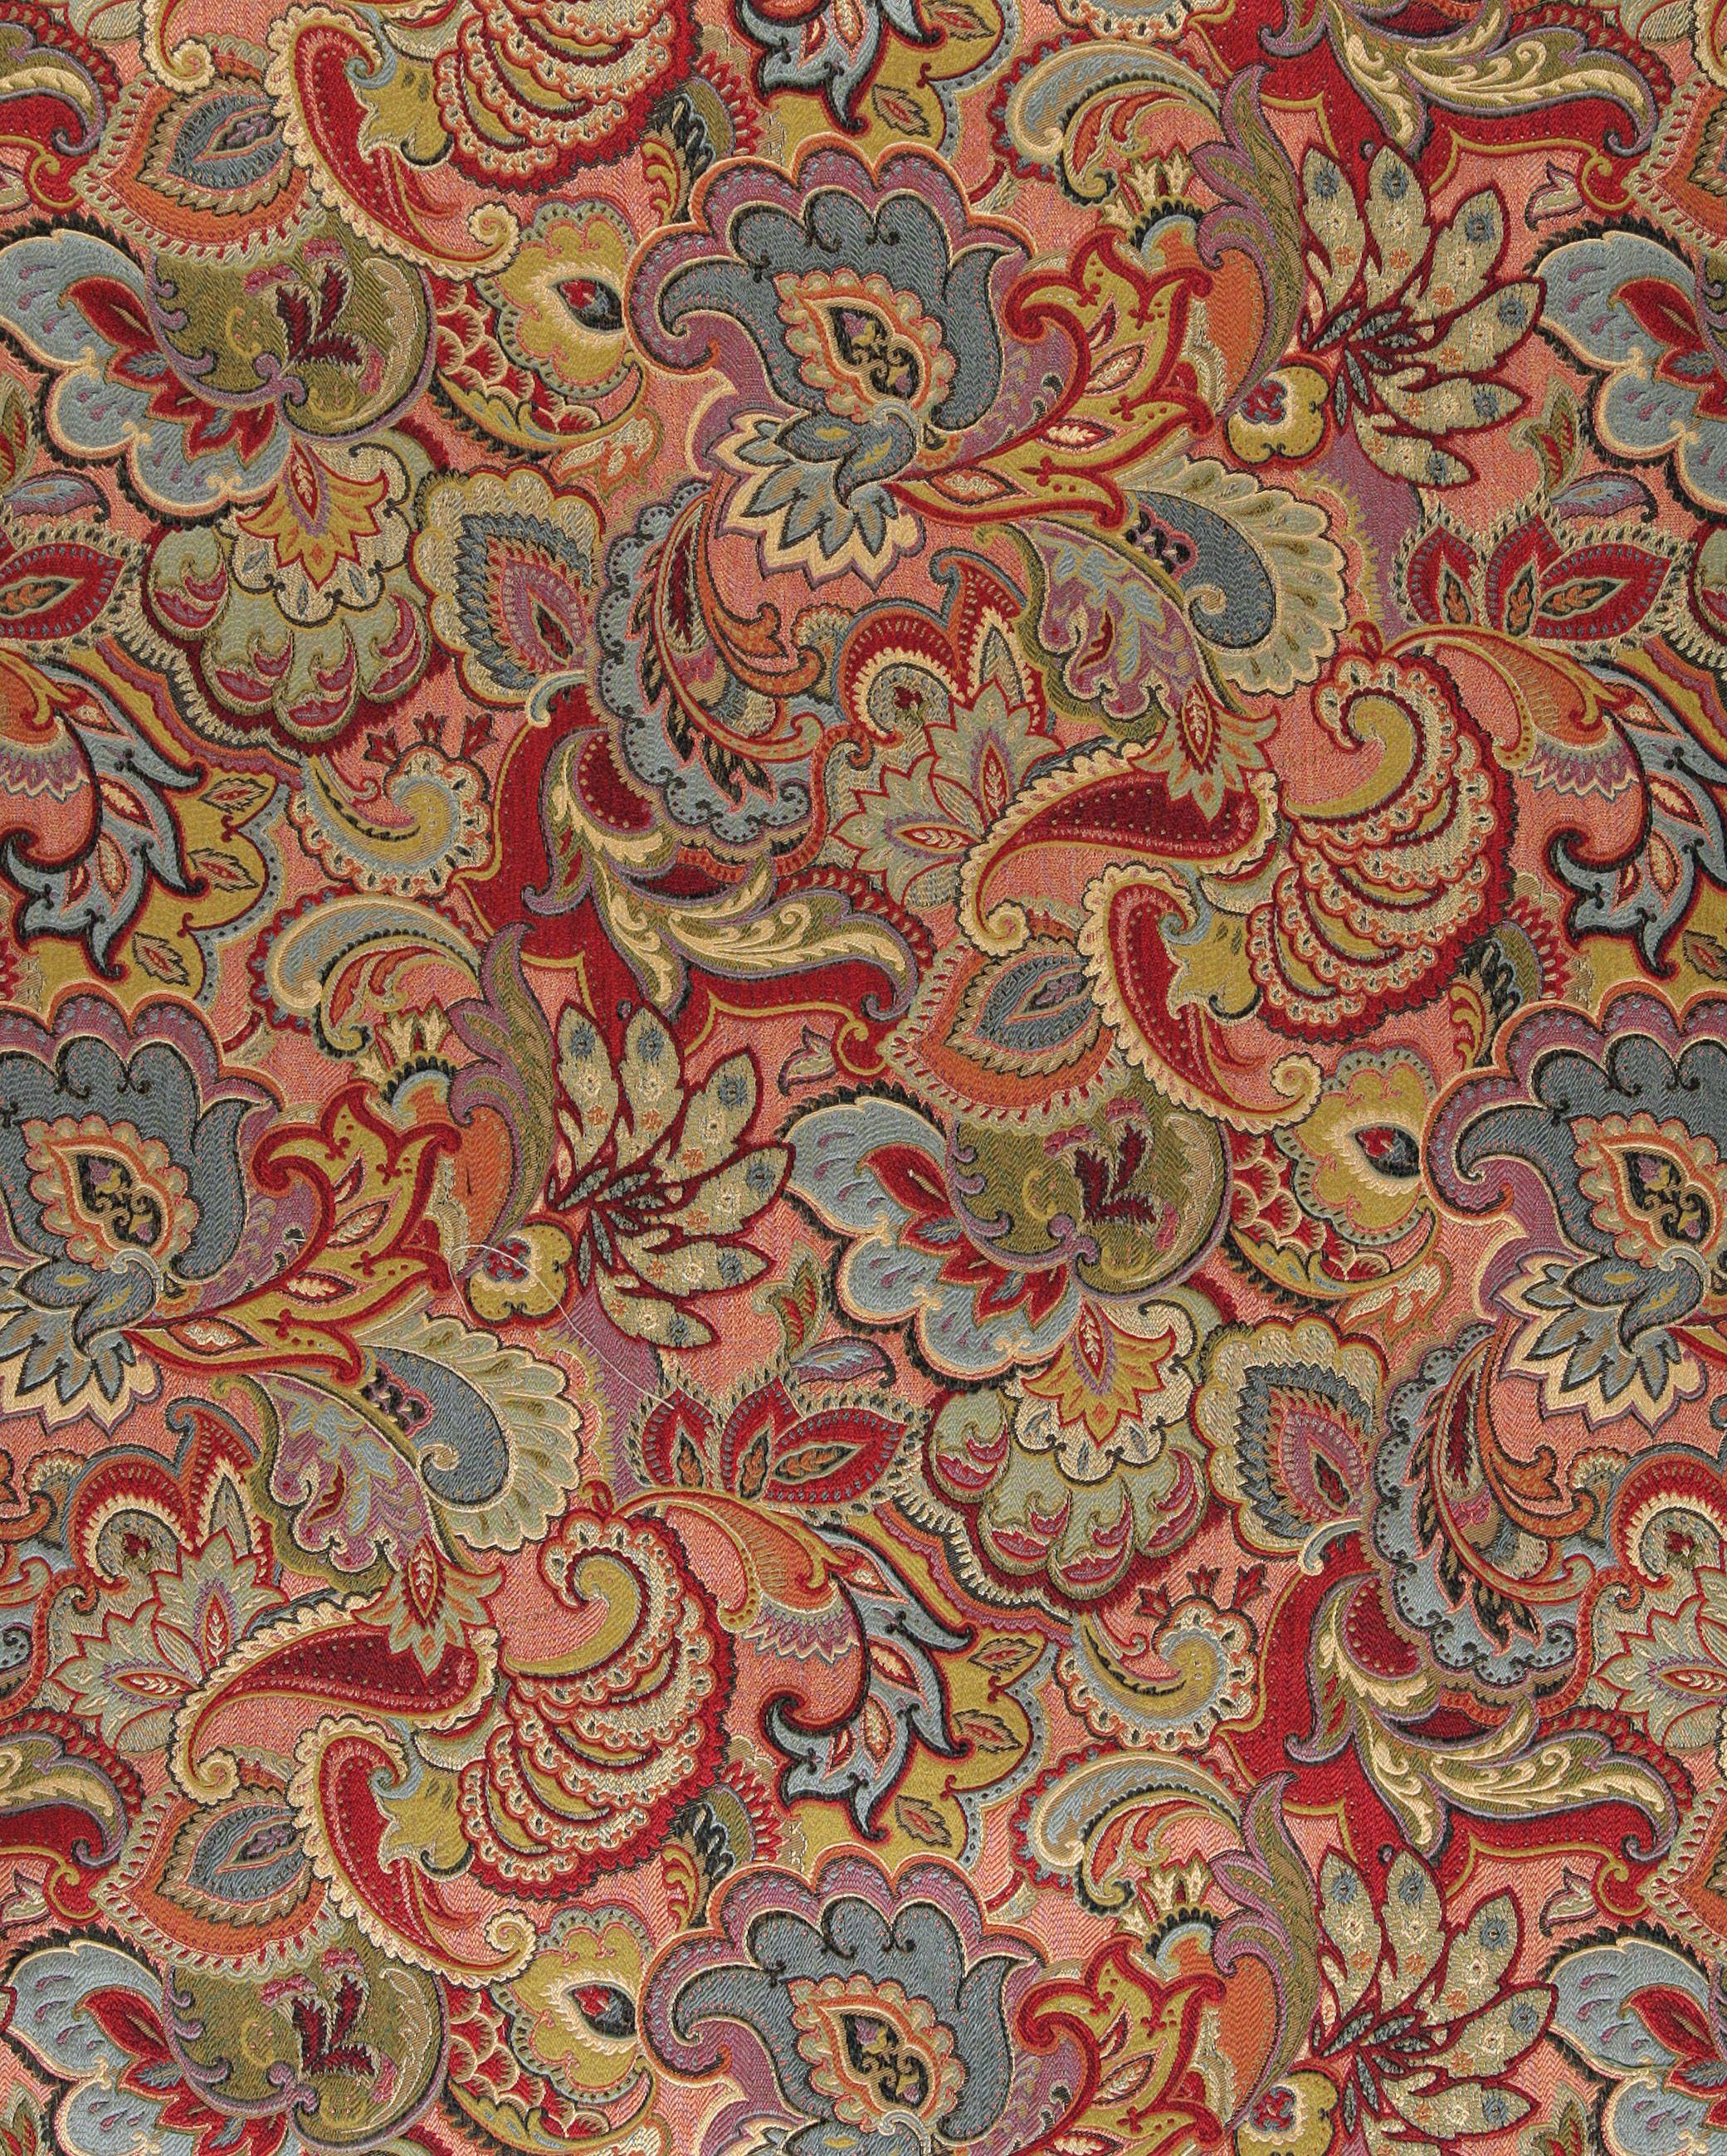 Pin By Abdul Munir On Batik Tulis Semarangan Fabric Upholstery